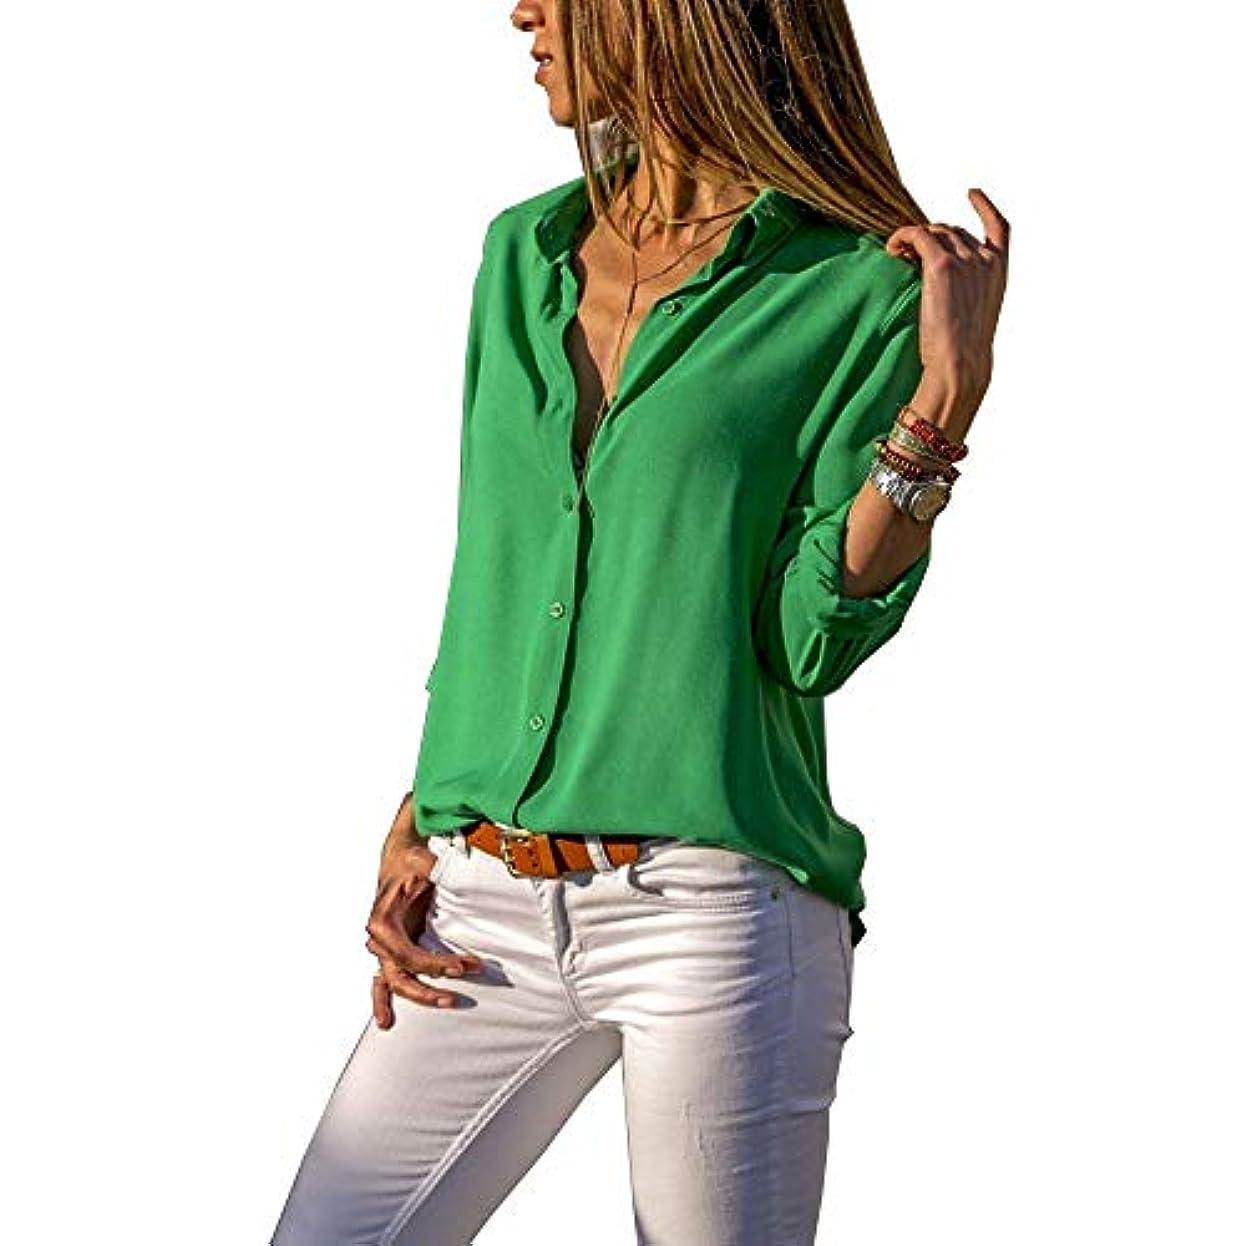 クレデンシャル温かいサリーMIFAN ルーズシャツ、トップス&Tシャツ、プラスサイズ、トップス&ブラウス、シフォンブラウス、女性トップス、シフォンシャツ